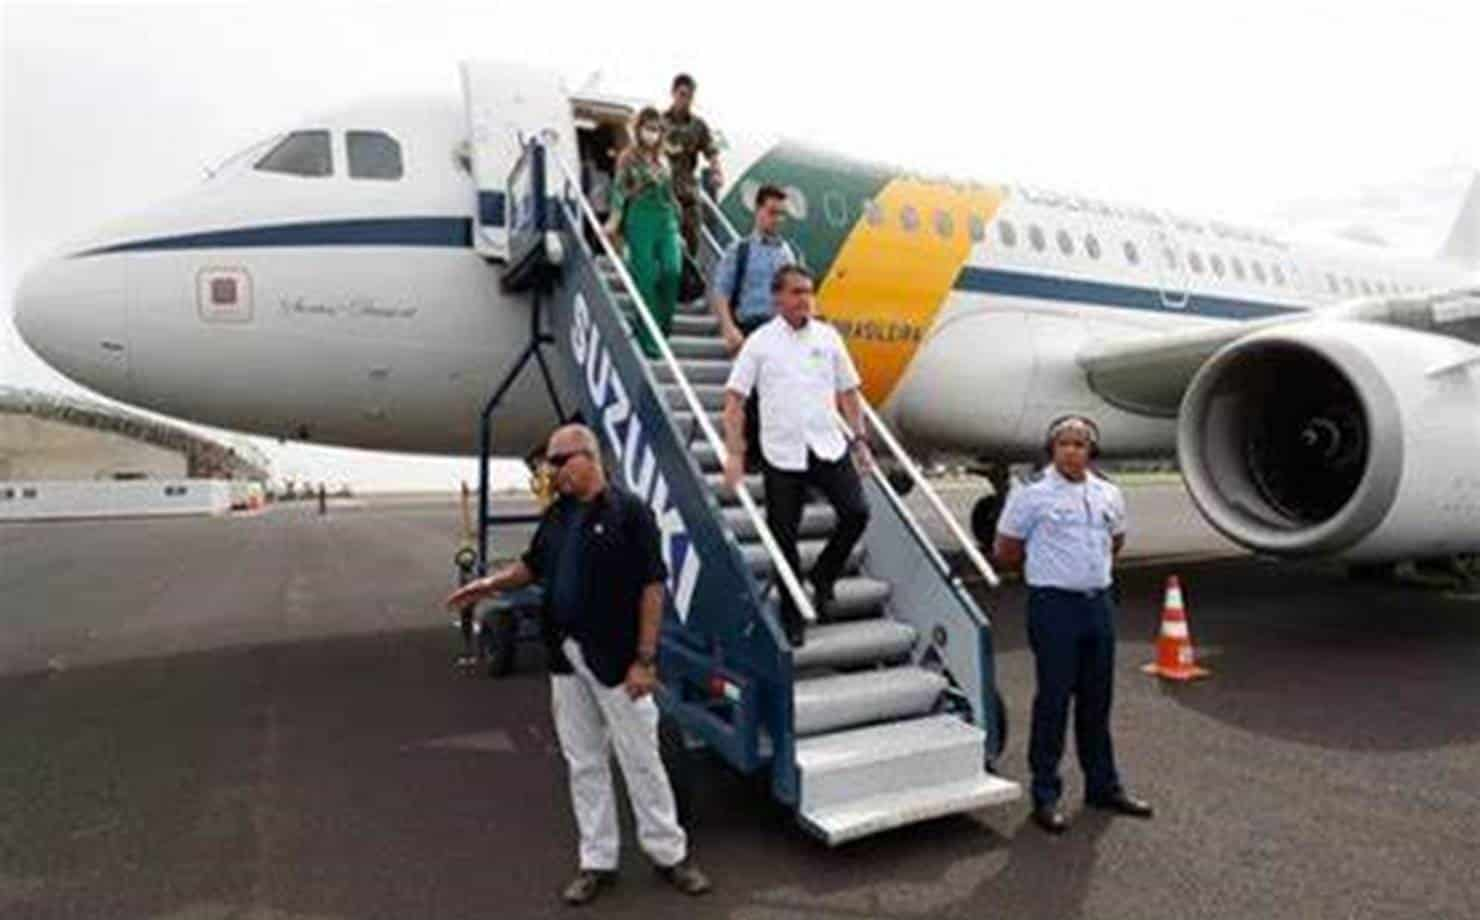 Bolsonaro desembarcando do Avião